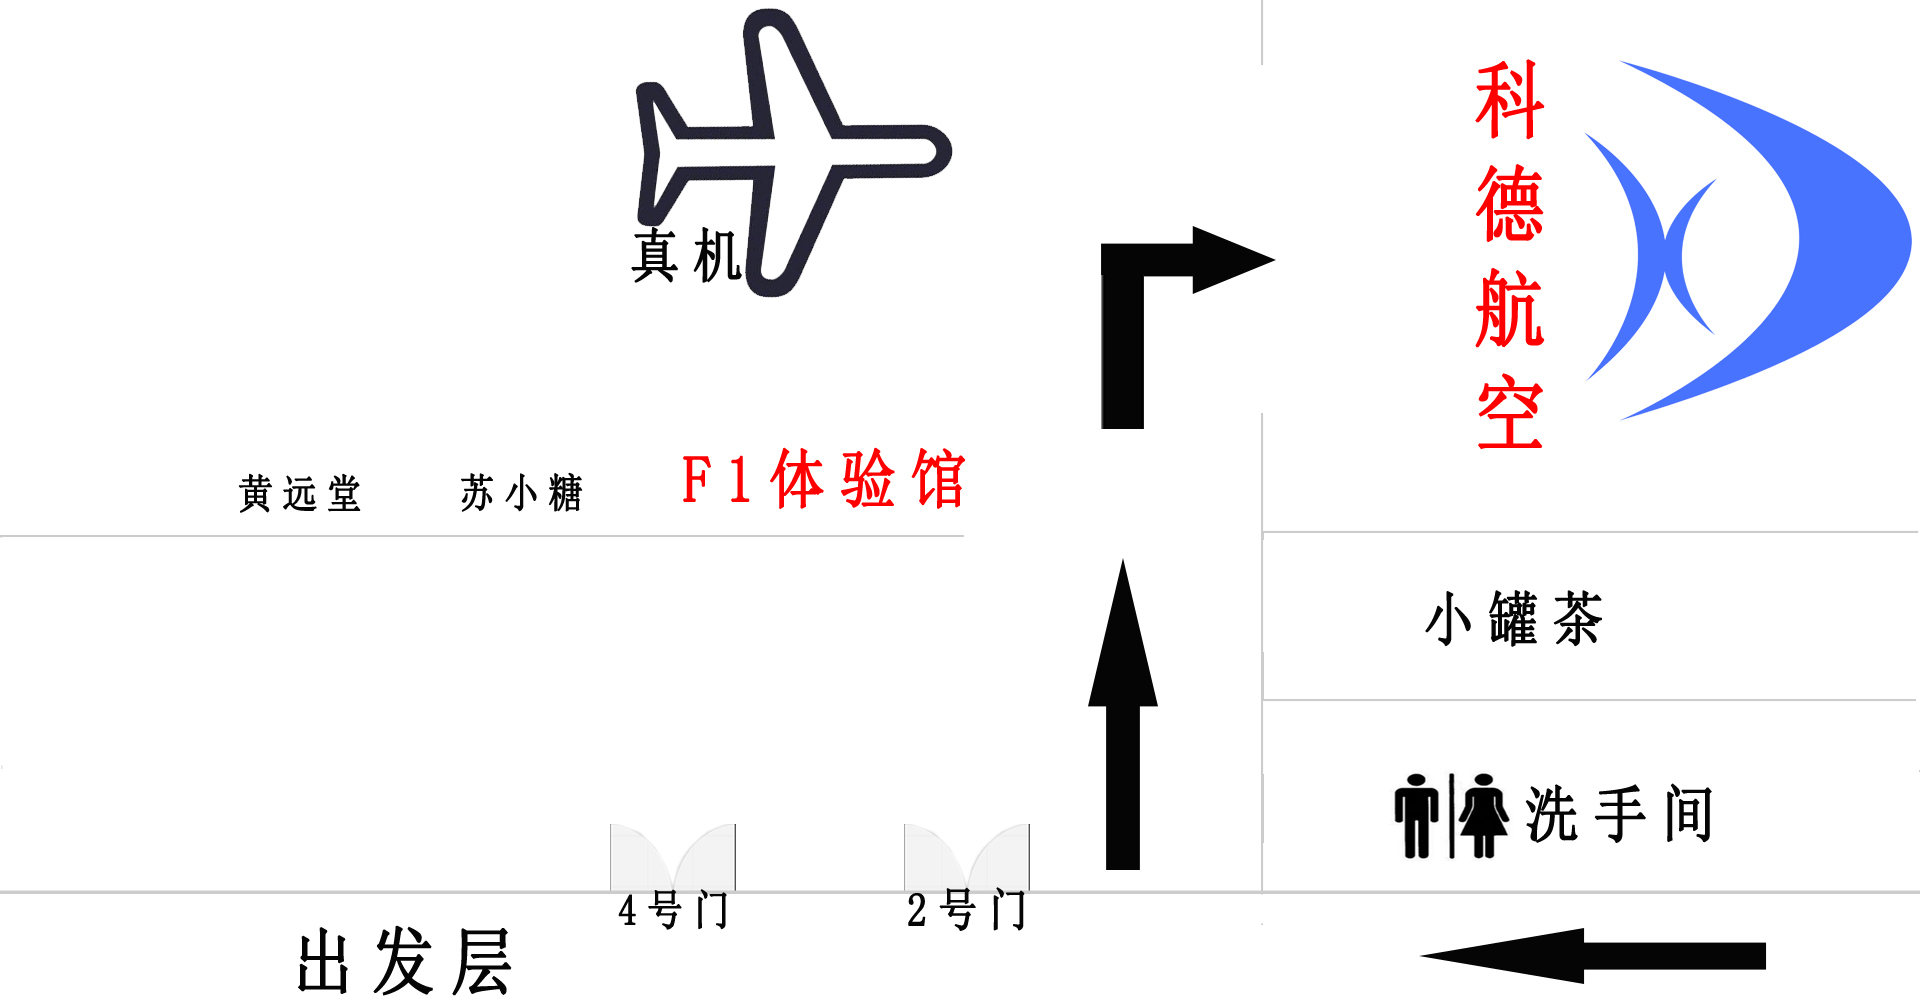 廈門飛行體驗館平面圖